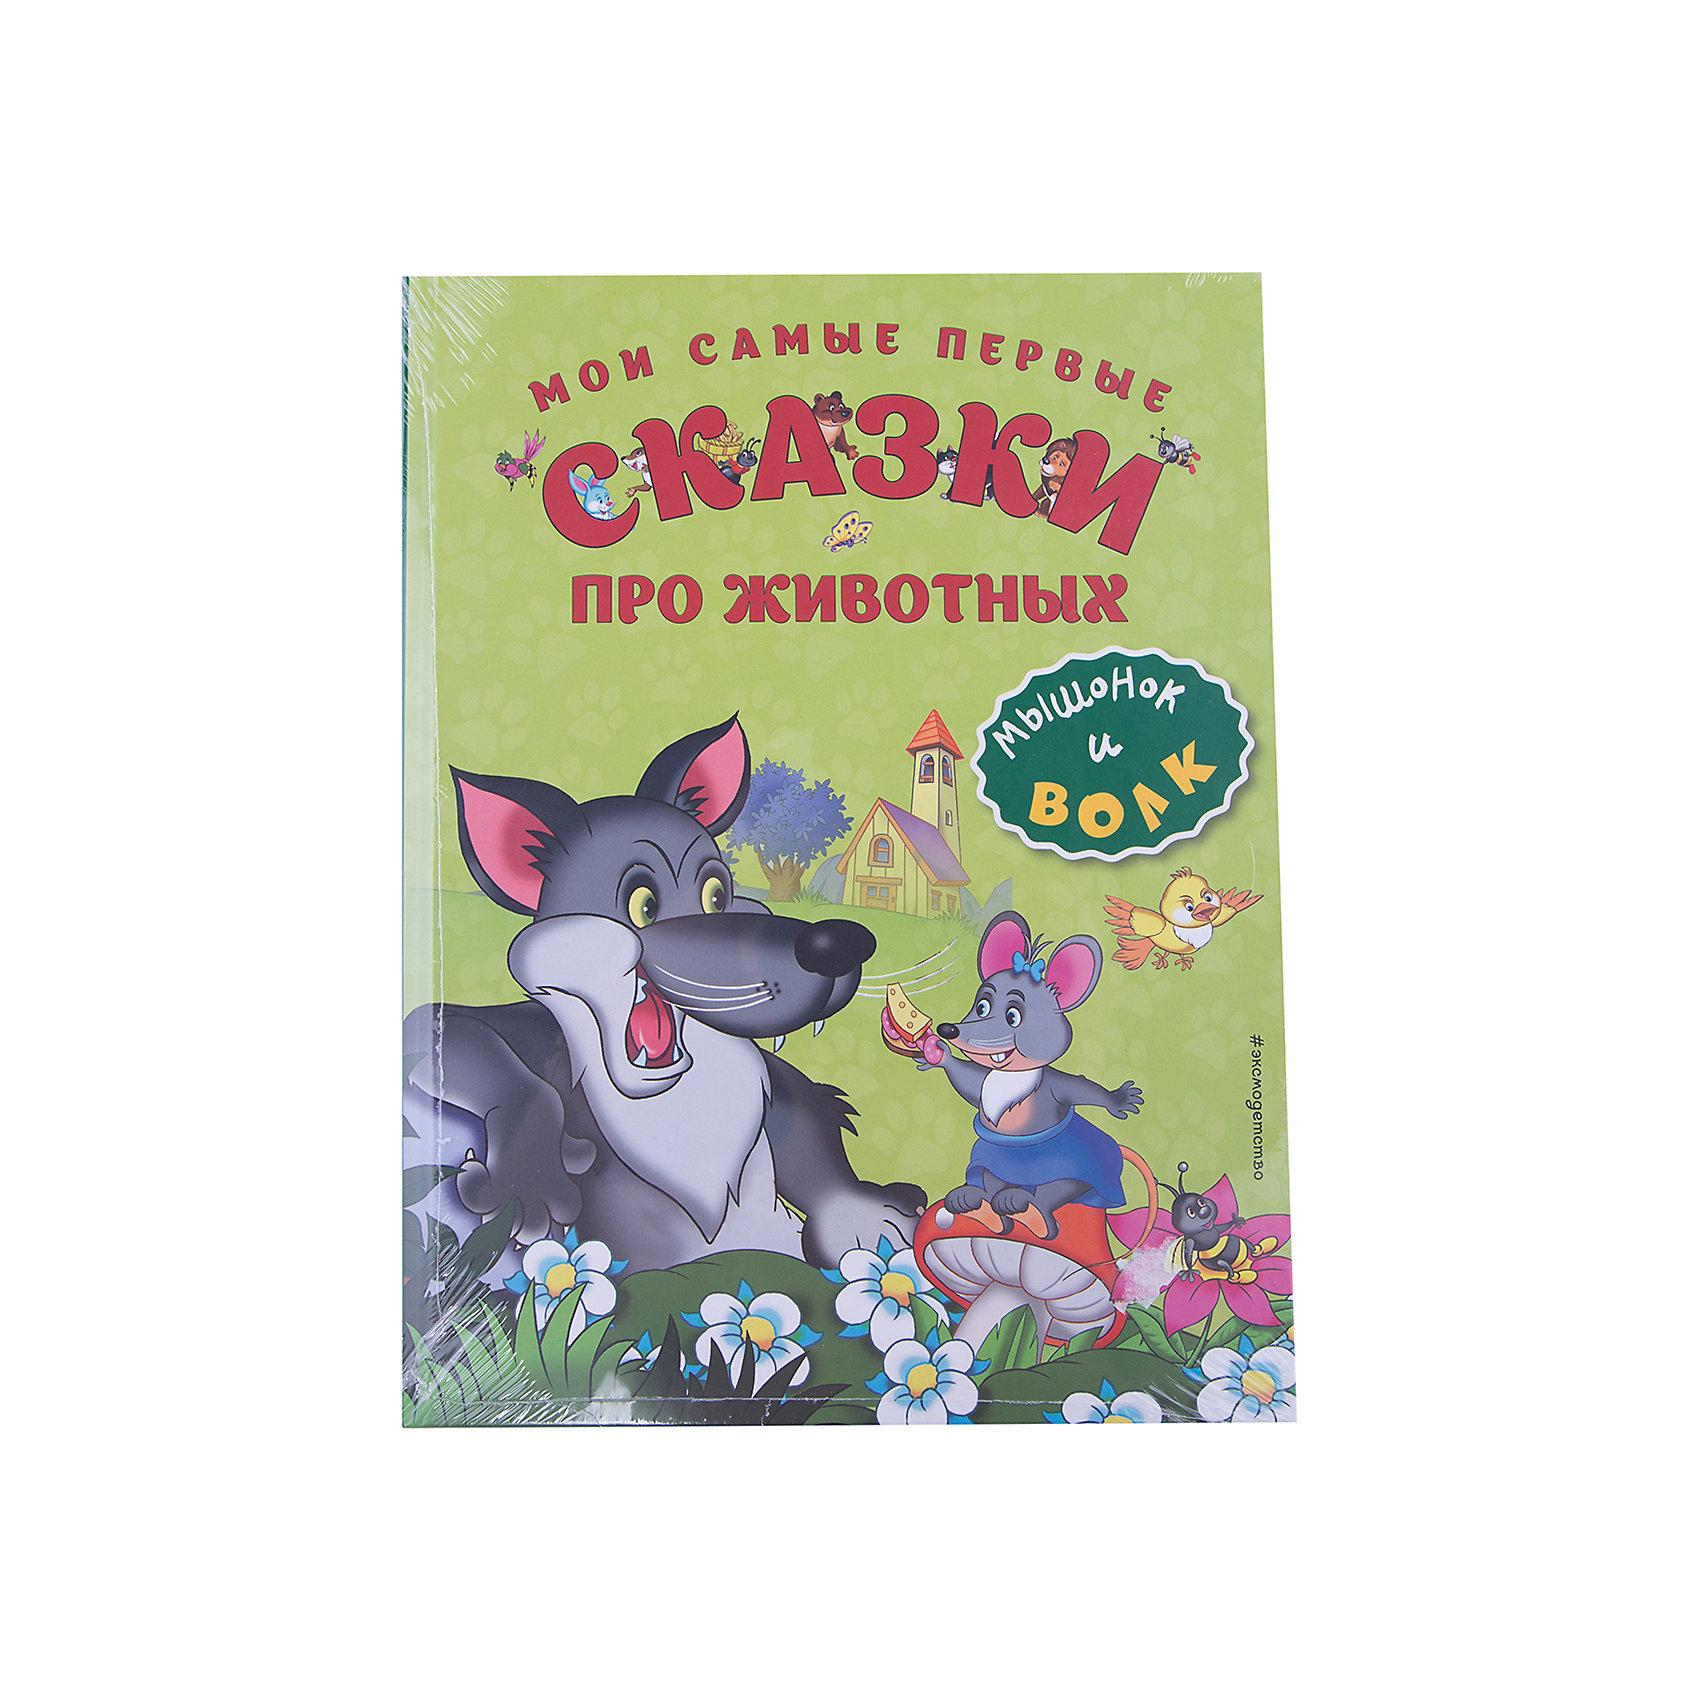 Мои самые первые сказки про животных: Мышонок и волкПервые книги малыша<br>Характеристики товара: <br><br>• ISBN: 9785699840090<br>• возраст от: 2 лет<br>• формат: 84x108/16<br>• бумага: офсет<br>• обложка: твердая<br>• иллюстрации: цветные, черно-белые<br>• серия: Золотые сказки для детей<br>• издательство: Эксмо<br>• художник: Панков Игорь<br>• количество страниц: 56<br>• размеры: 26x20 см<br><br>Это издание - для чтения самым маленьким. В книге «Мои самые первые сказки про животных: Мышонок и волк» рассказывается увлекательная история, учащая добру и заставляющая задуматься. <br><br>Отличное качество издания, красочные иллюстрации известного художника - всё это поможет проникнуться атмосферой волшебства.<br><br>Книгу «Мои самые первые сказки про животных: Мышонок и волк» можно купить в нашем интернет-магазине.<br><br>Ширина мм: 255<br>Глубина мм: 197<br>Высота мм: 90<br>Вес г: 386<br>Возраст от месяцев: 12<br>Возраст до месяцев: 36<br>Пол: Унисекс<br>Возраст: Детский<br>SKU: 5535402